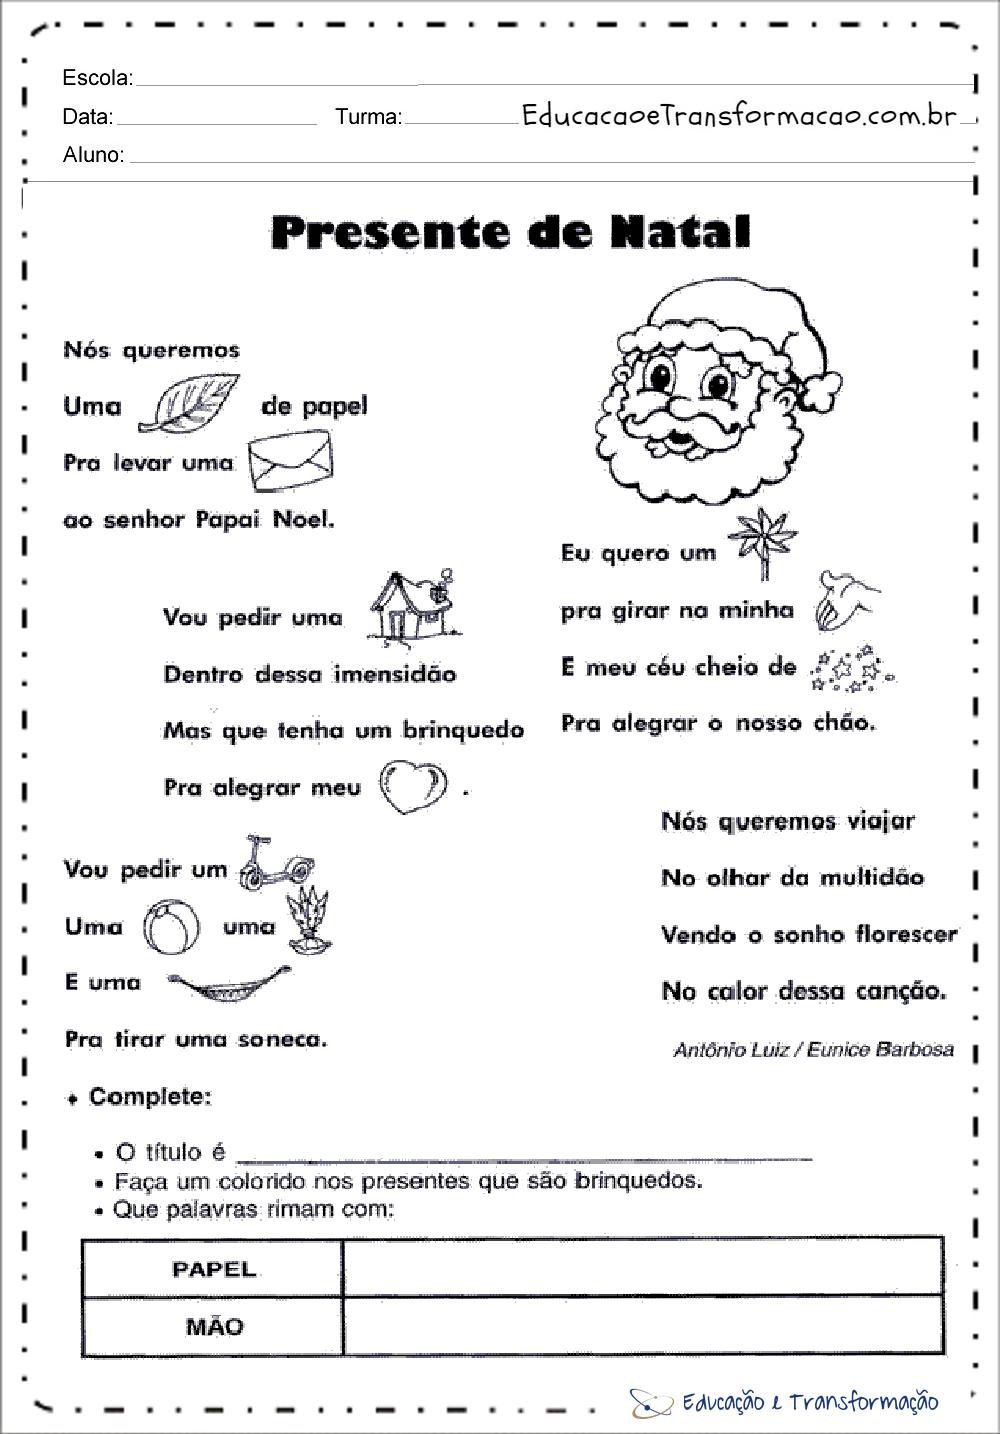 Presente de Natal – Atividades de Natal para educação infantil.